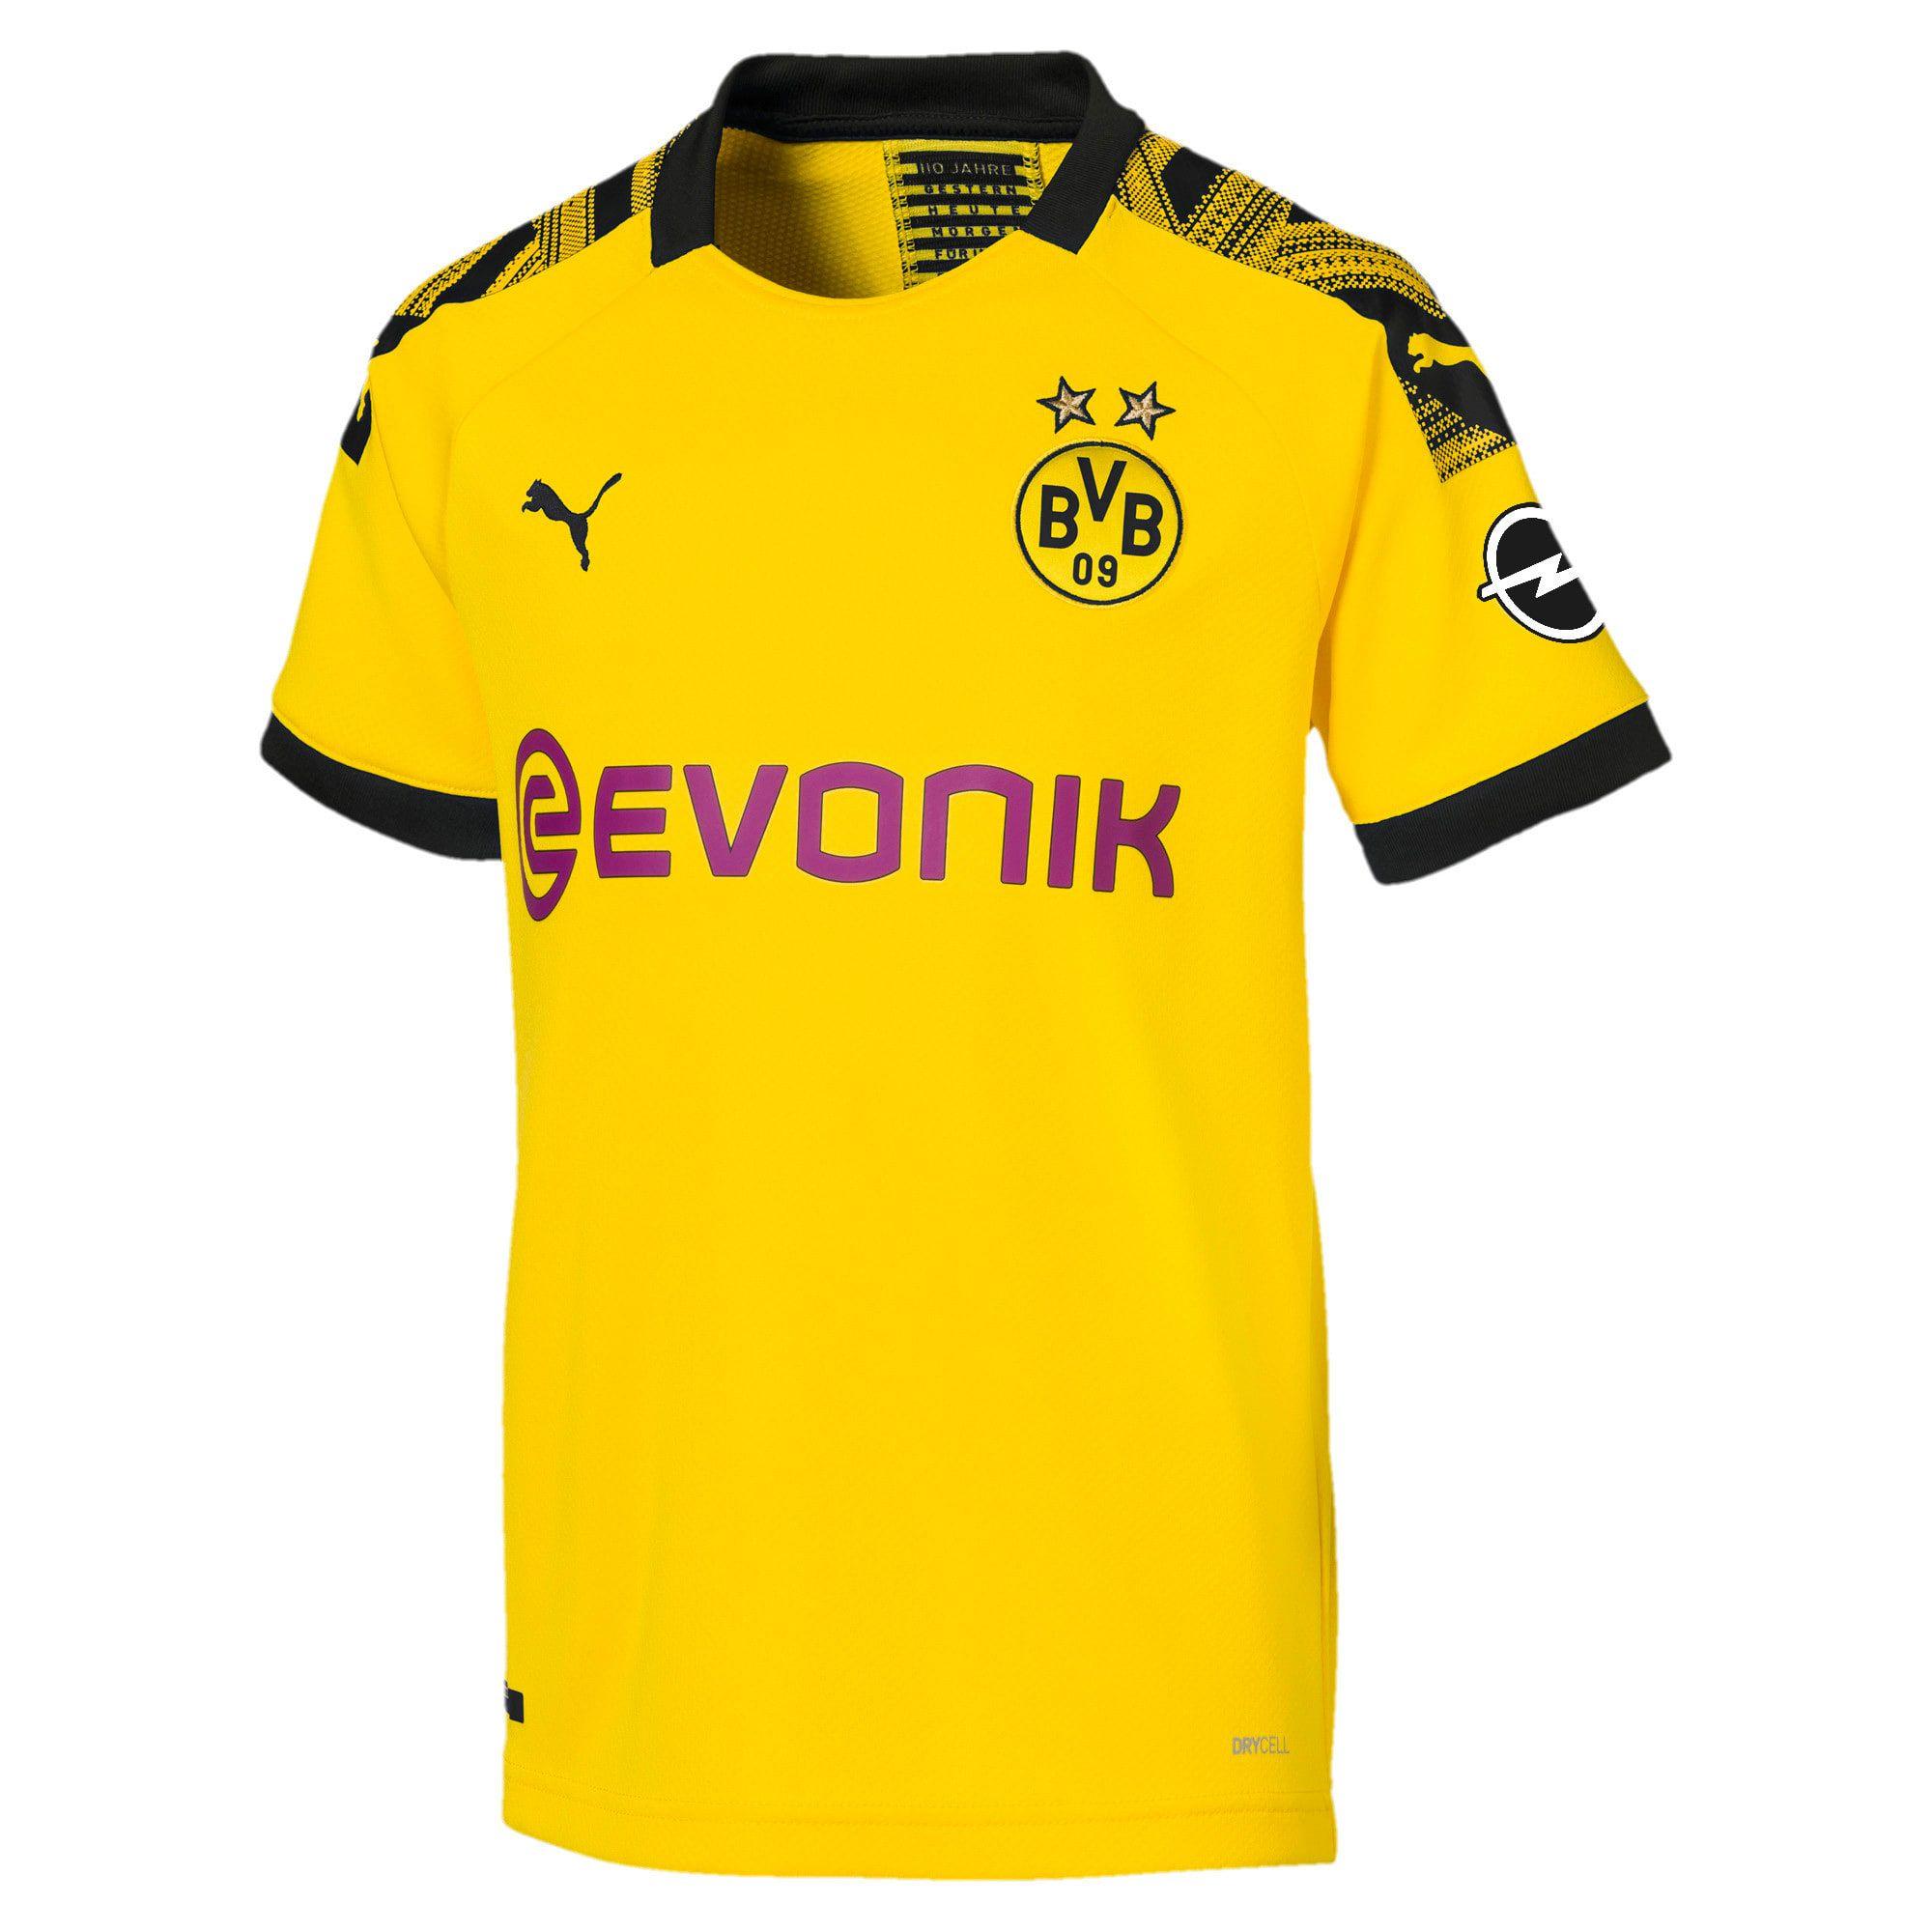 Maillot domicile BVB Replica pour enfant   Yellow black